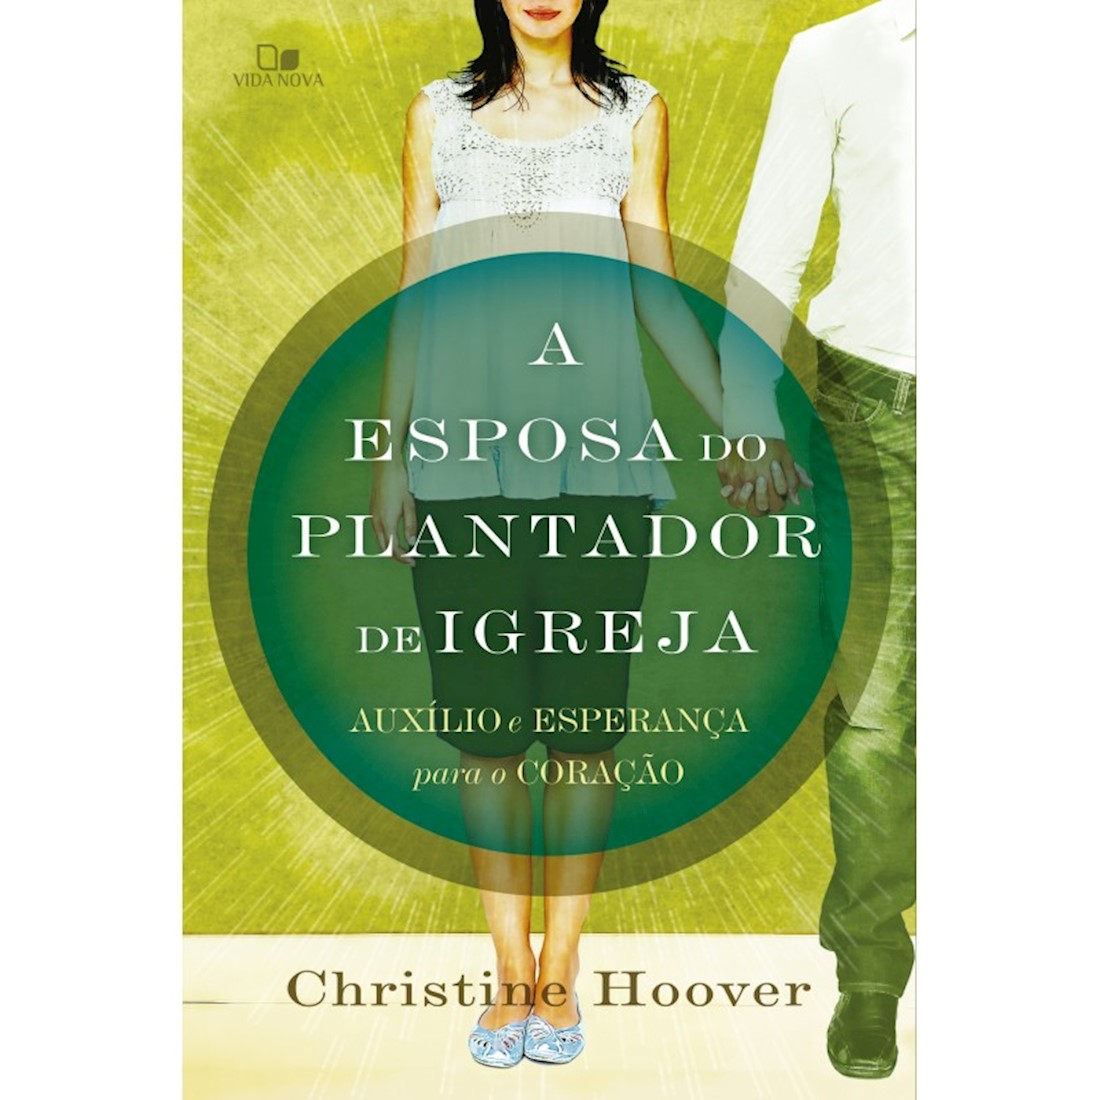 Livro A Esposa do plantador de igreja